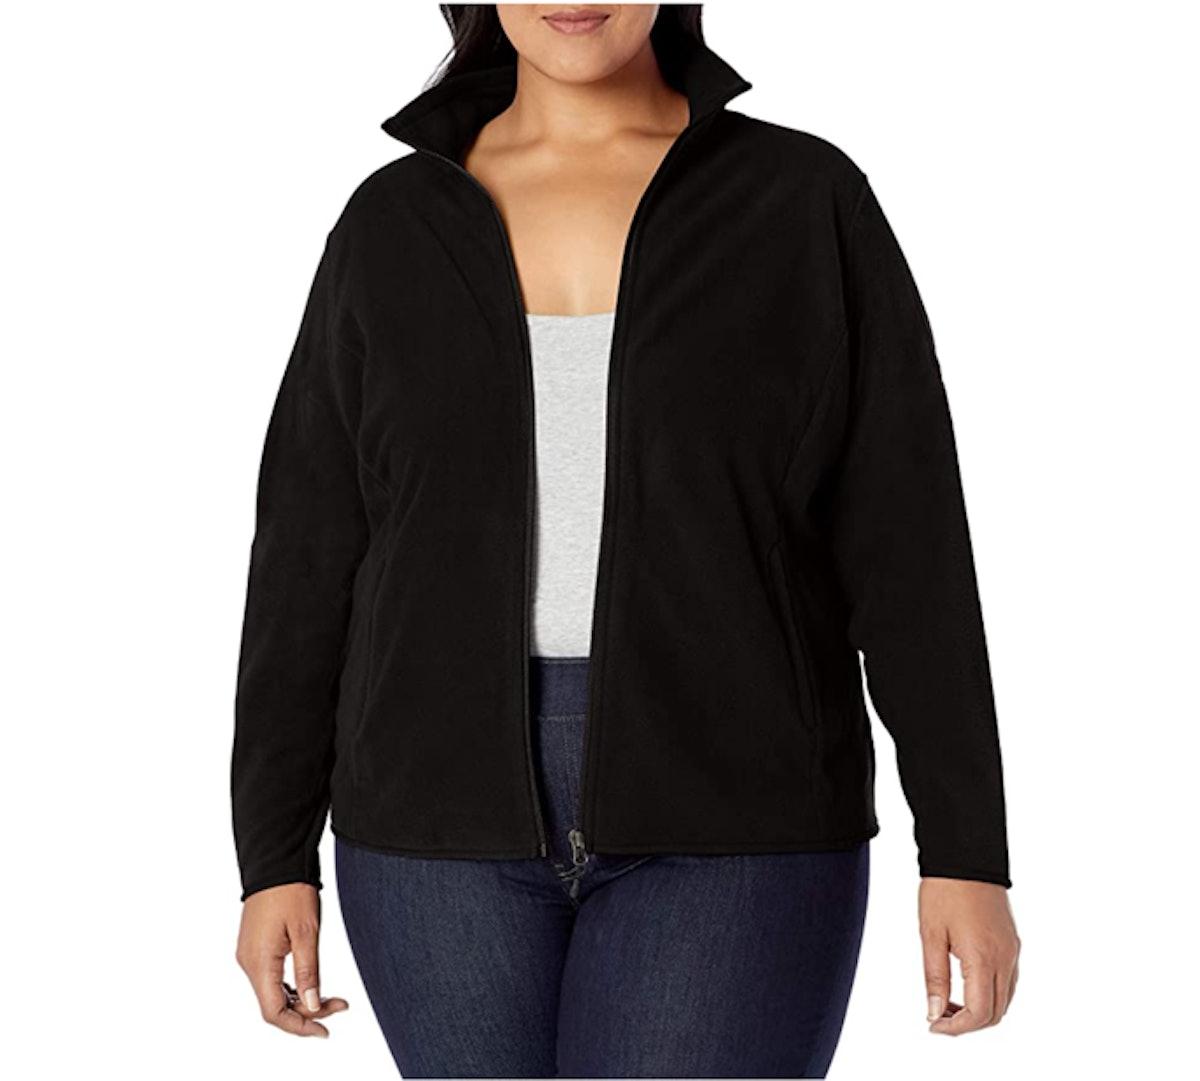 Amazon Essentials Plus Size Full-Zip Fleece Jacket